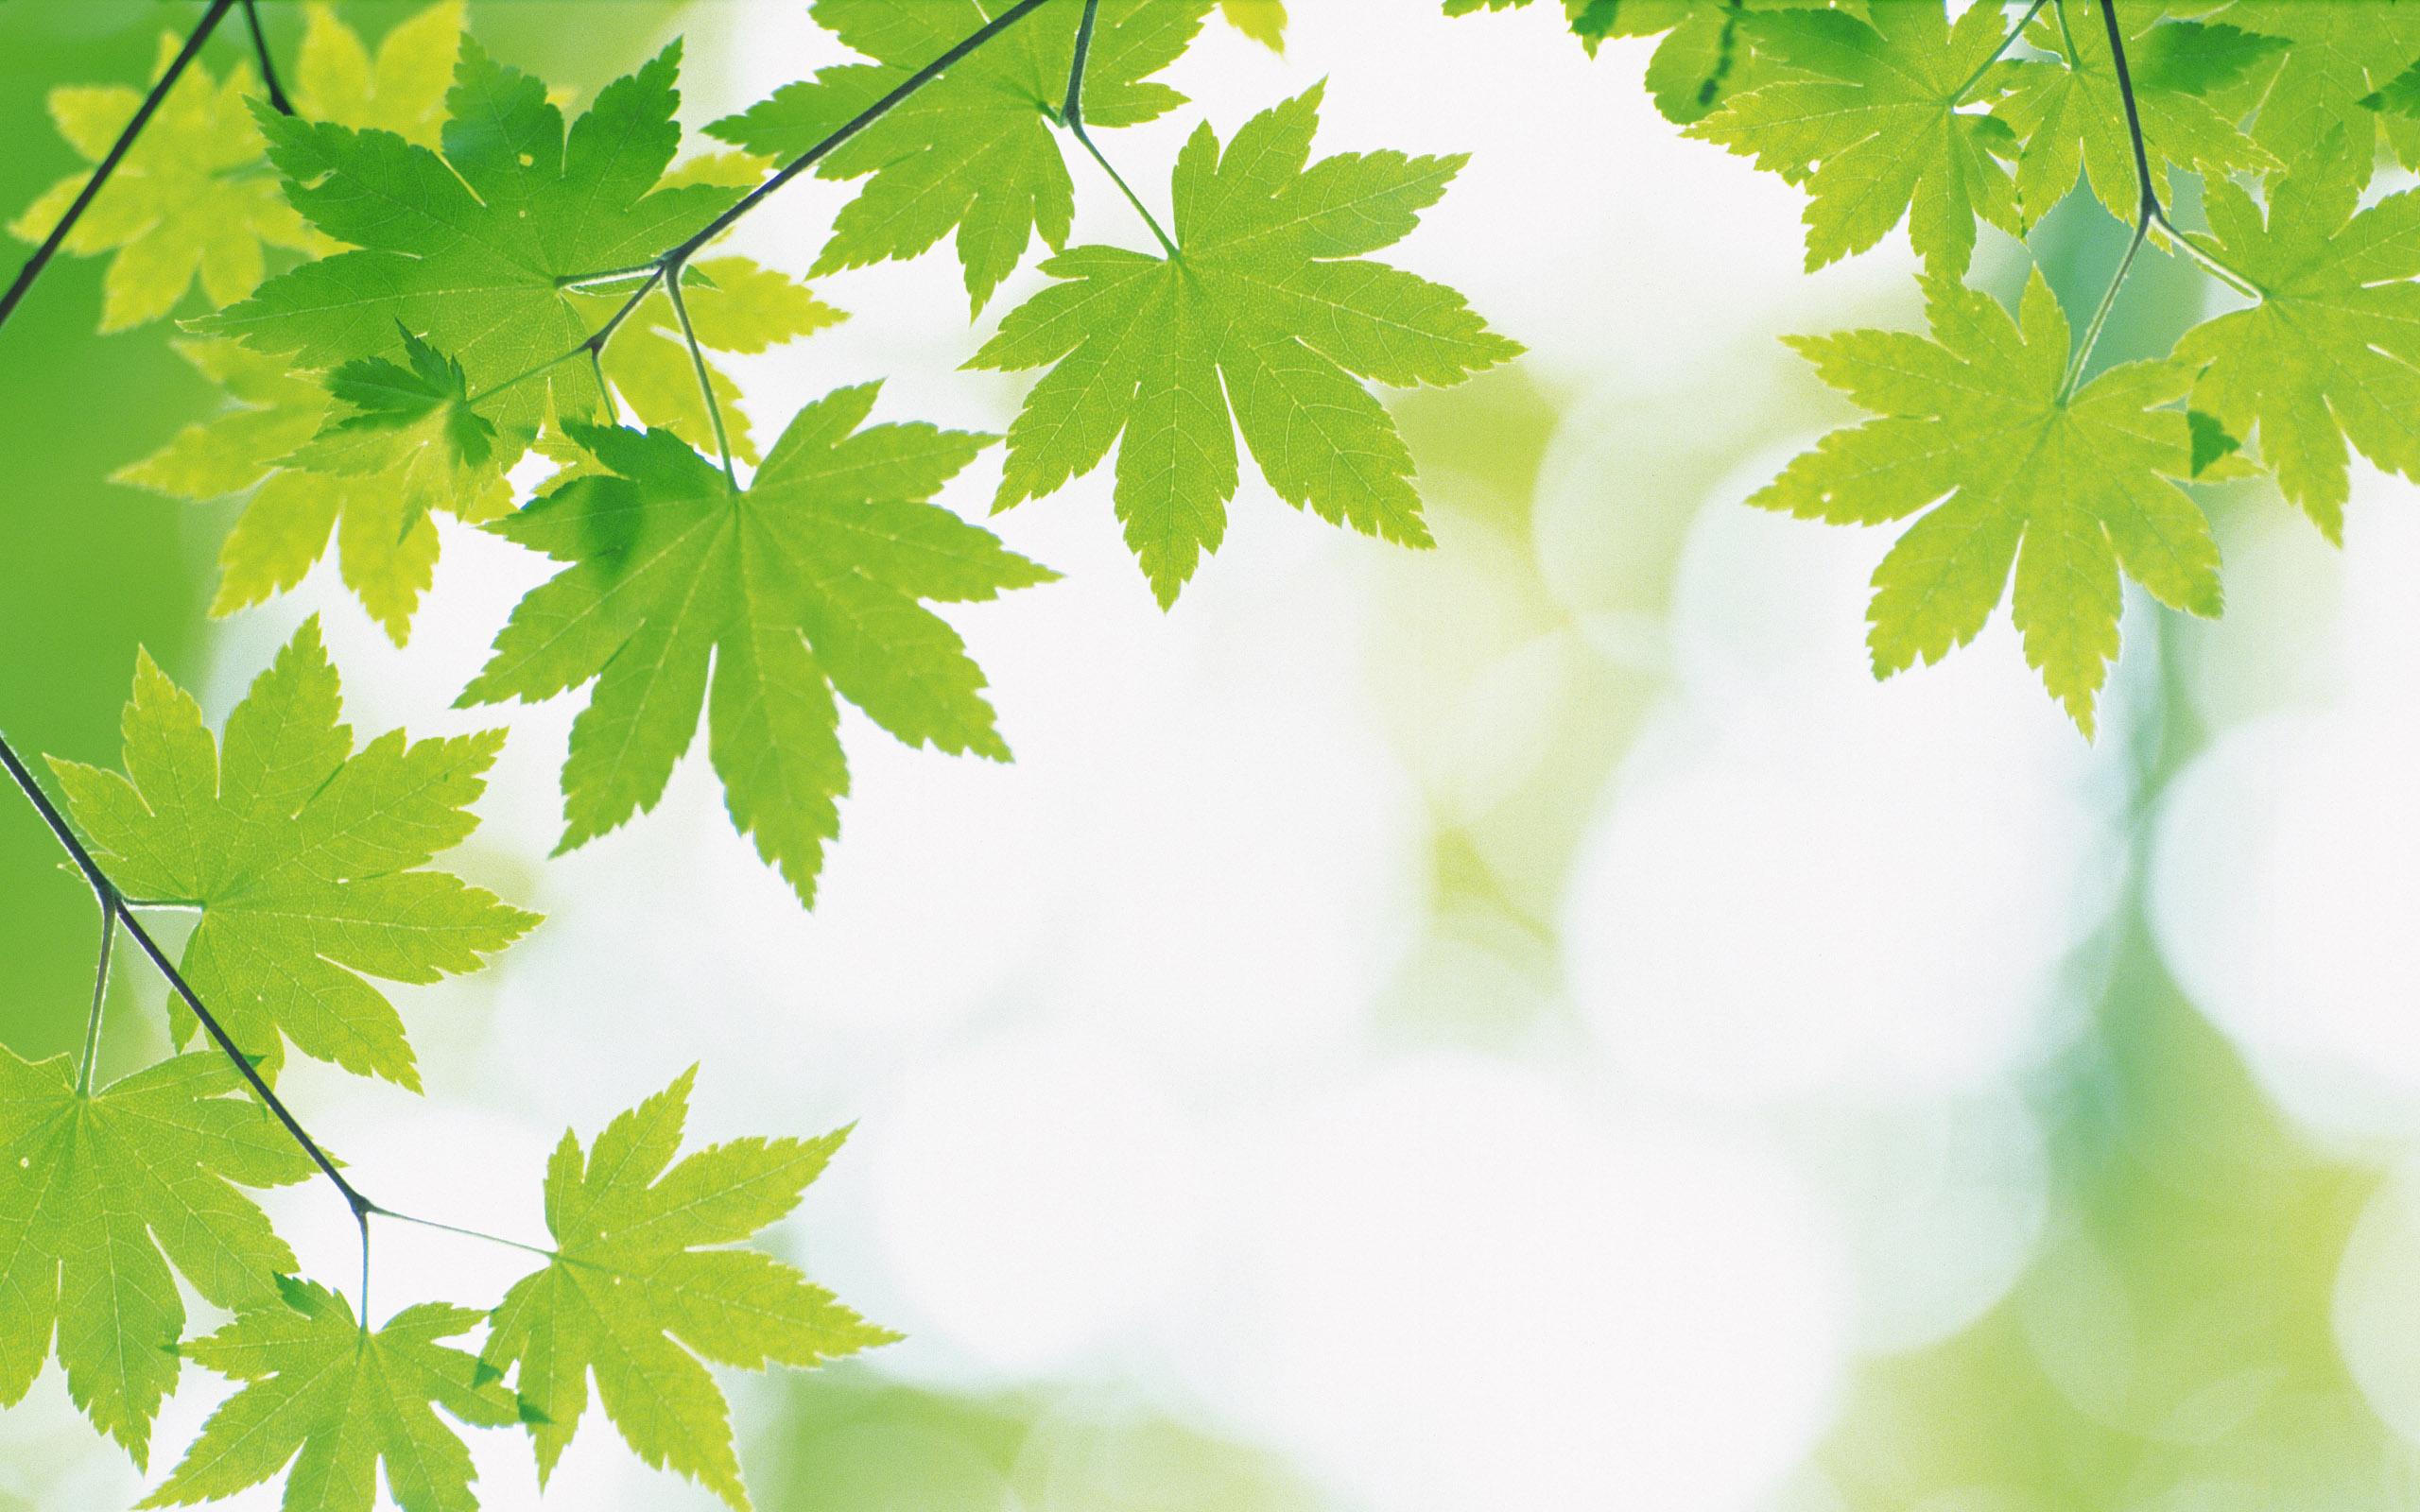 листья зелень фокус  № 1341657 загрузить